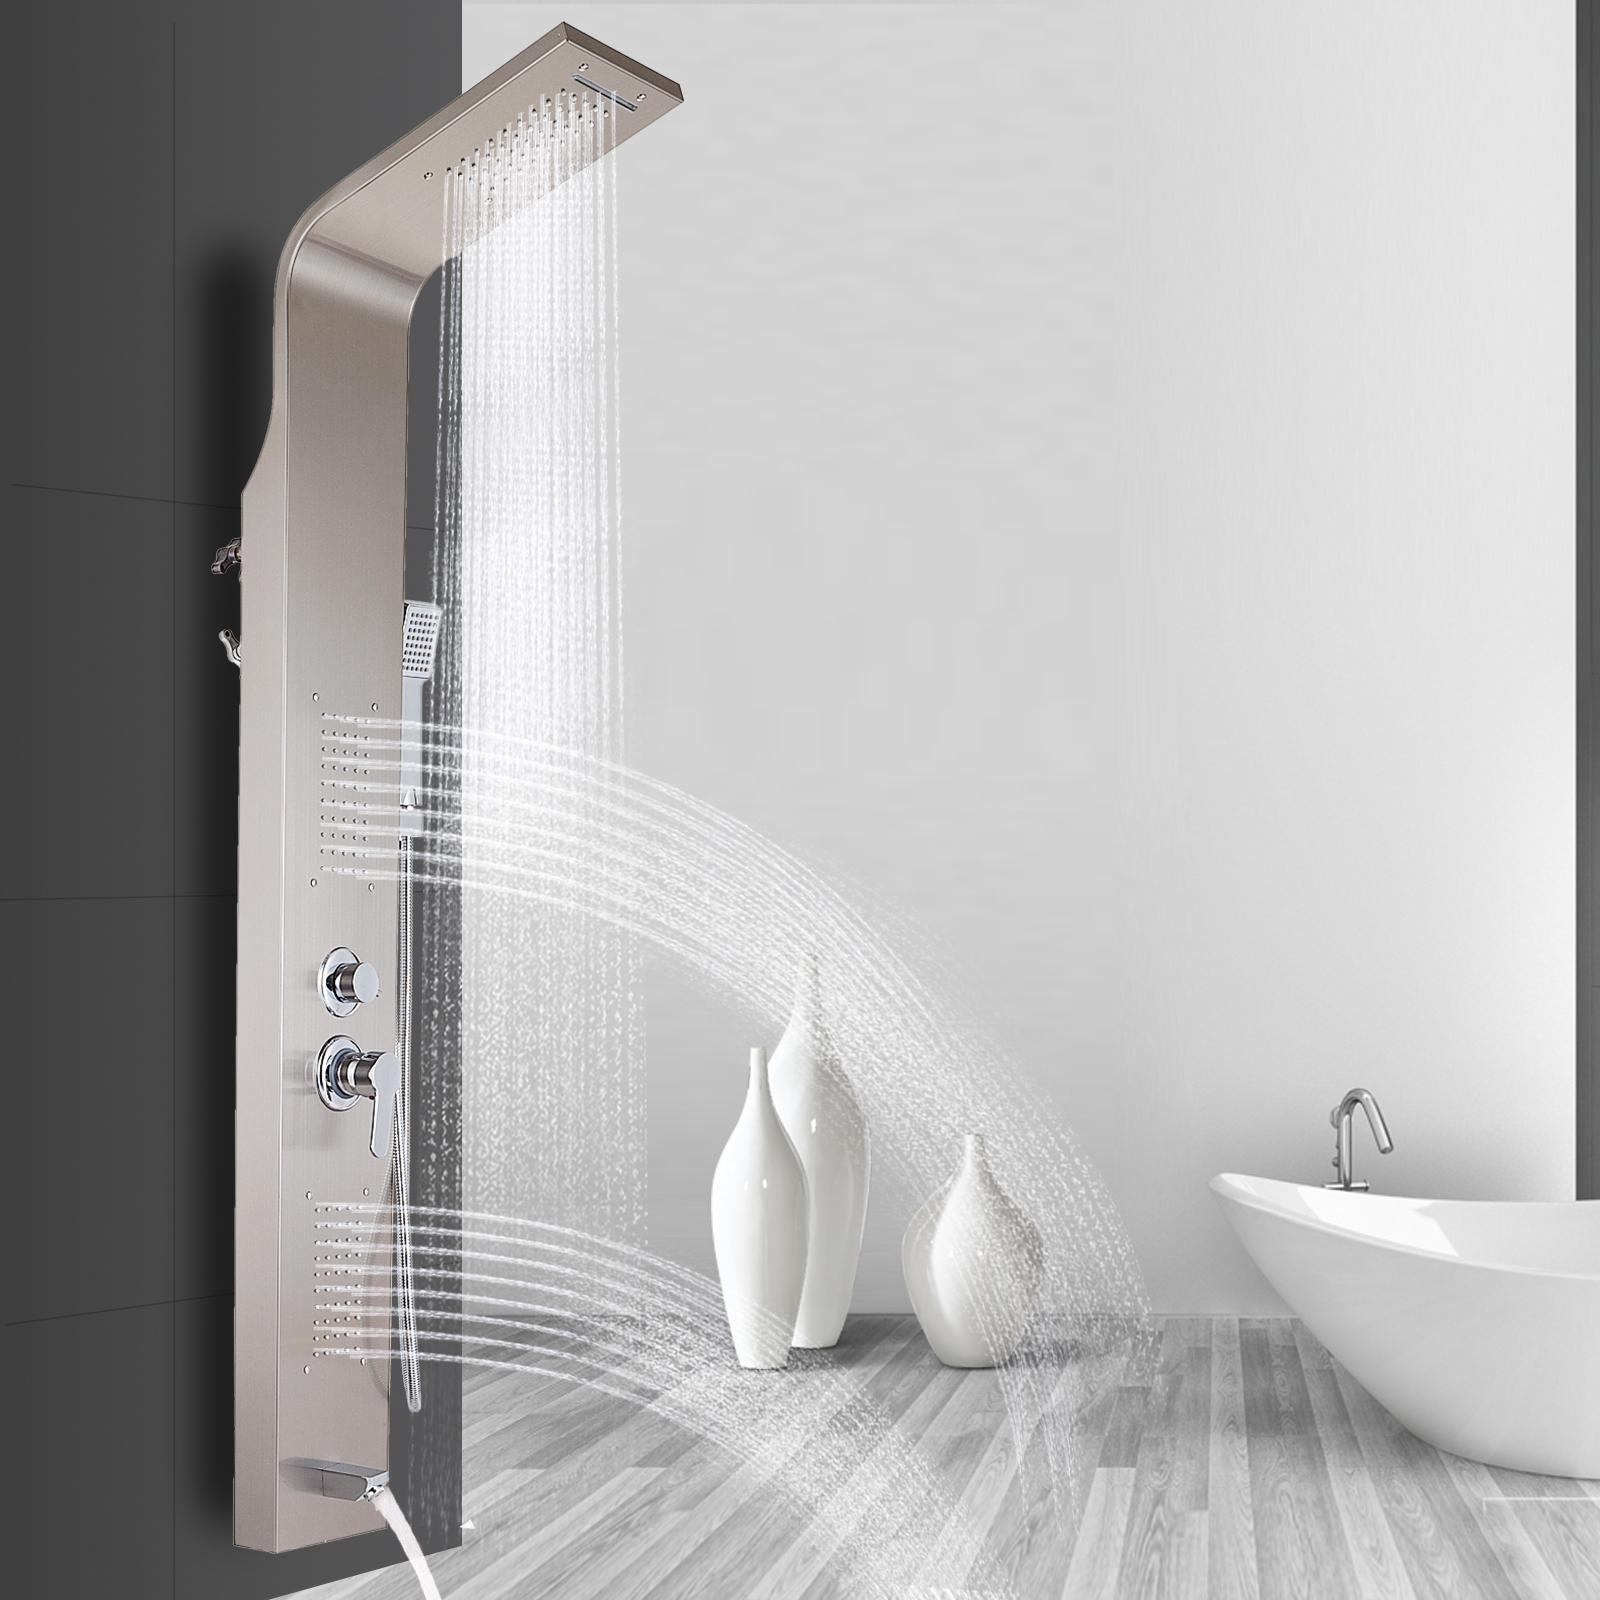 Pannello-doccia-idromassaggio-colonna-in-acciaio-inossidabile-con-miscelatore miniatura 42